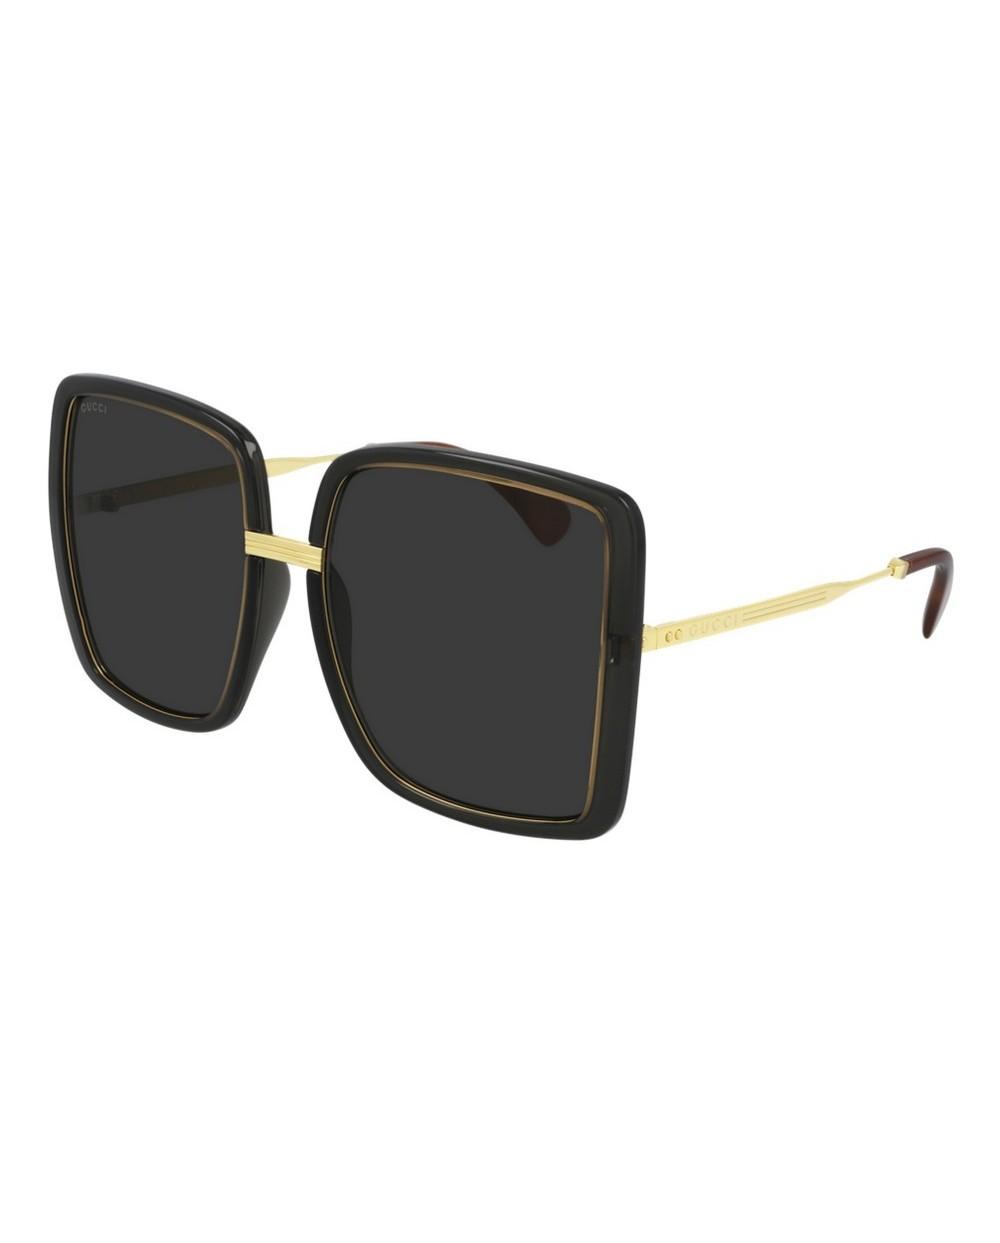 Occhiale da sole Gucci GG 0903S originale garanzia italia